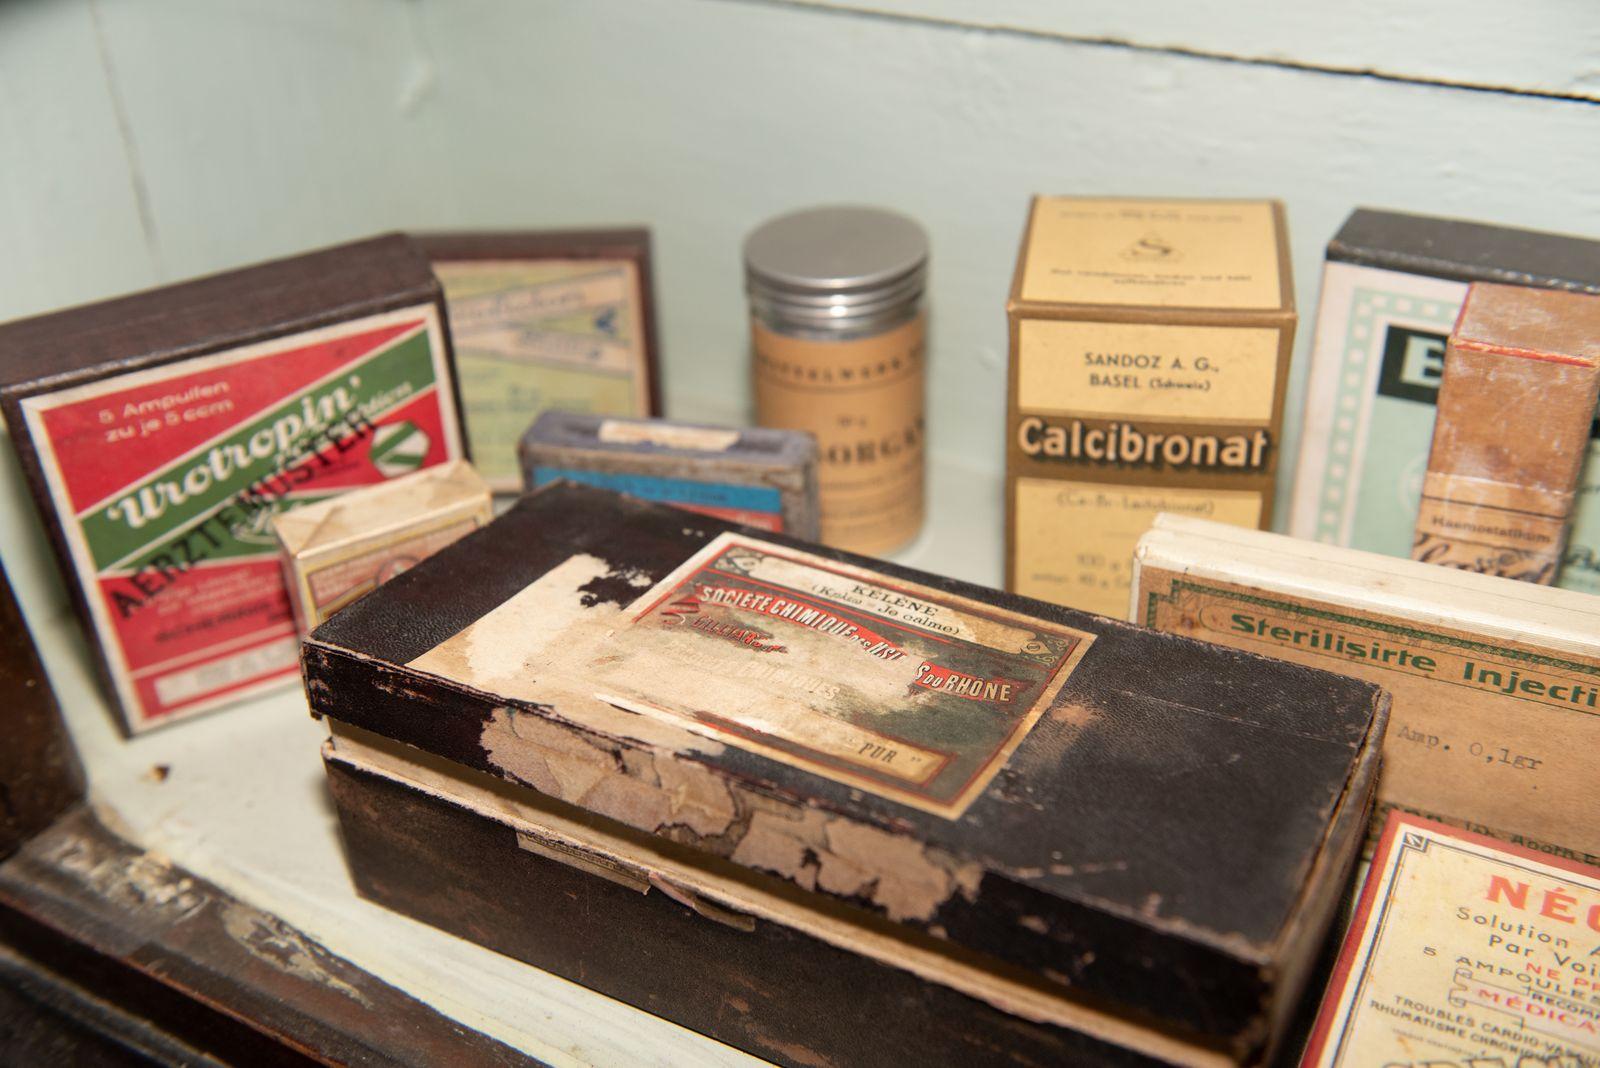 Muzei153_Лекарствени препарати от първата пол. на 20-ти век